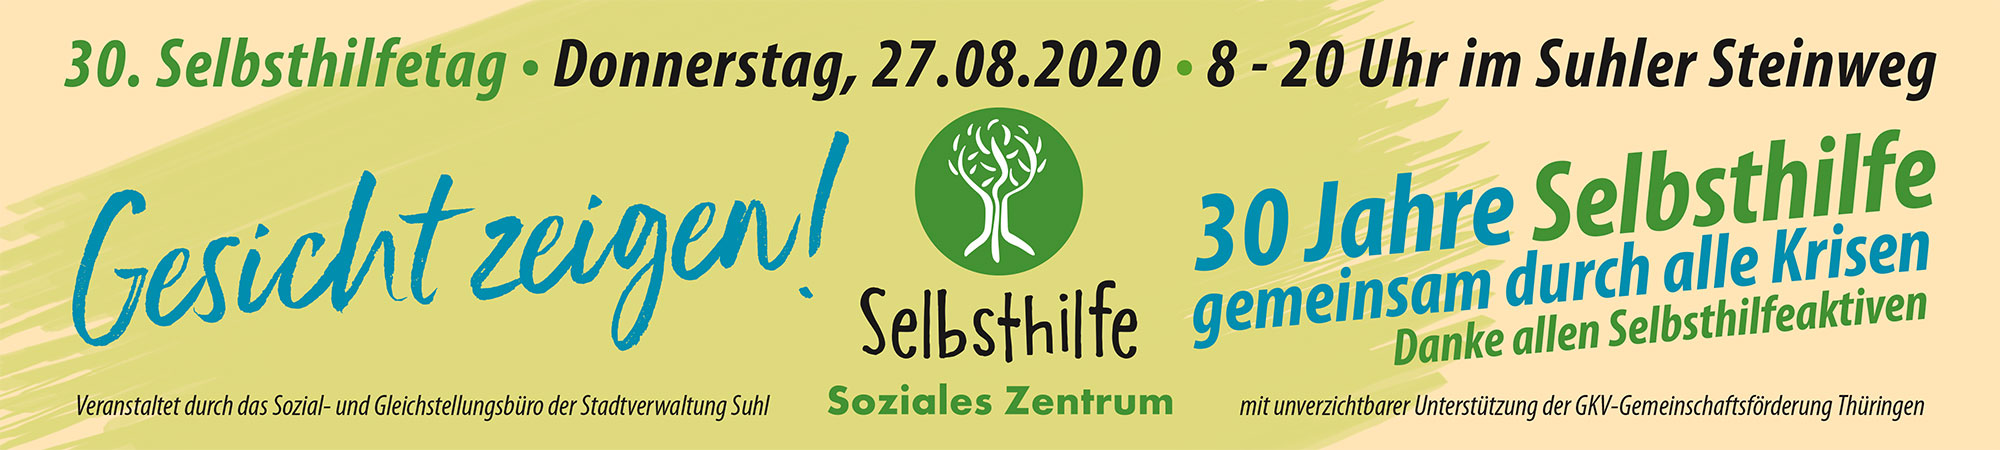 Banner zum 30. Selbsthilfe-Tag in Suhl 2020 (Gestaltung: Designakut 2020)